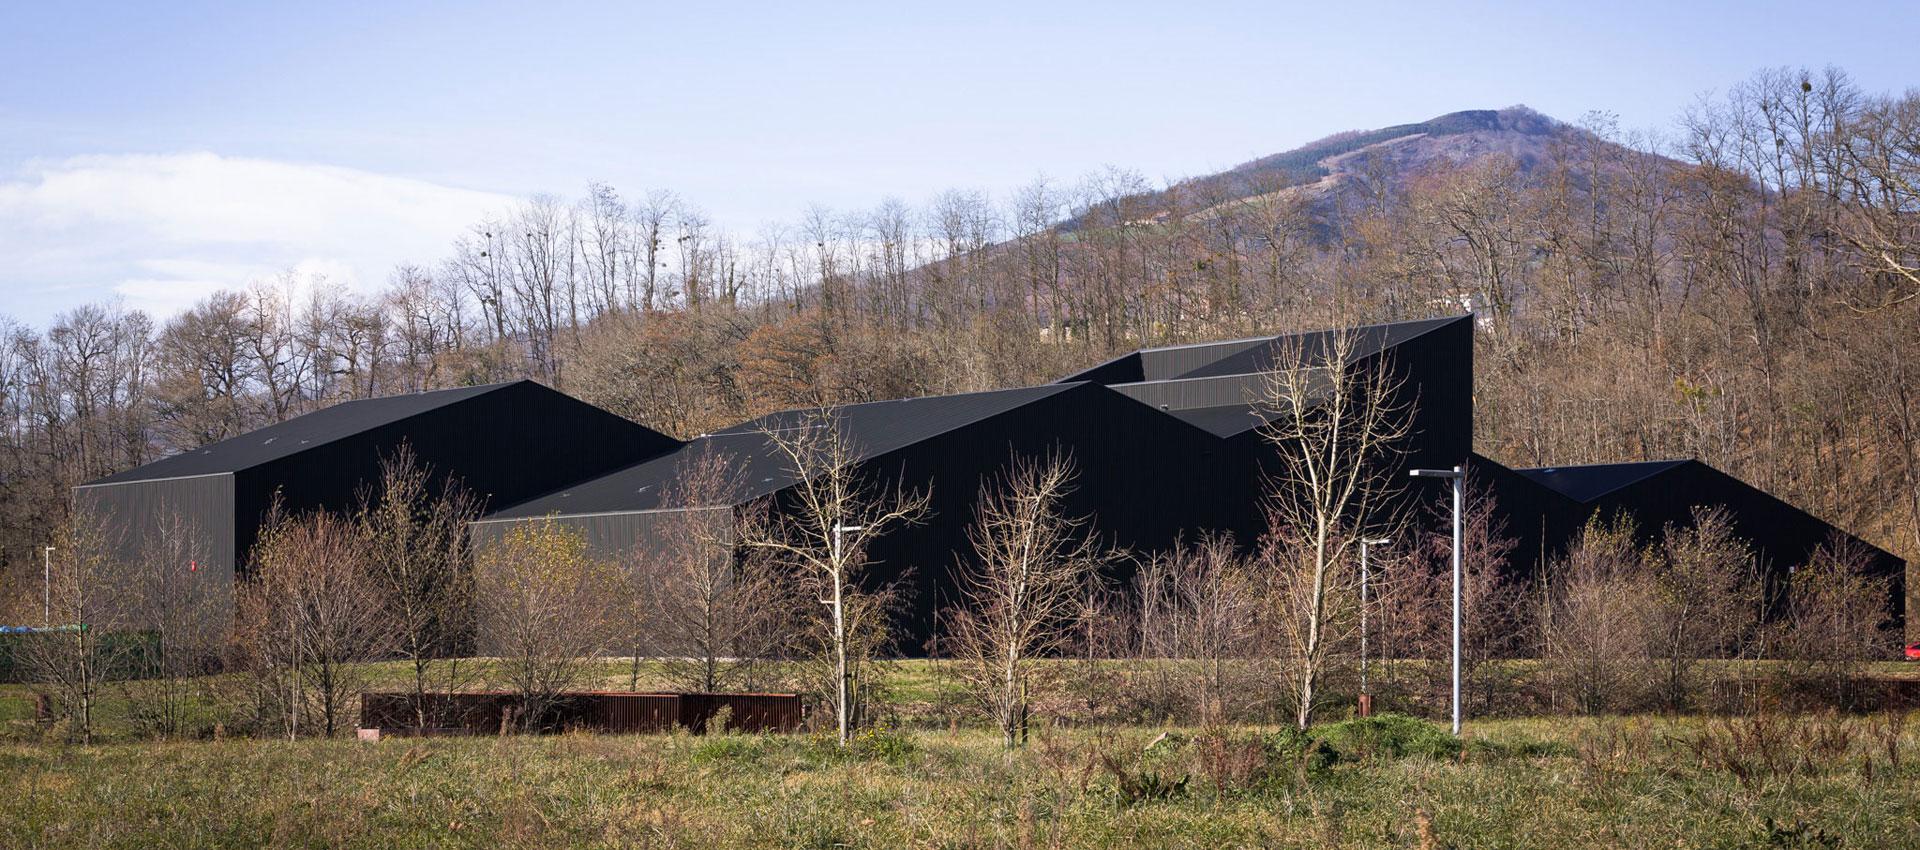 Lozy's Pharmaceuticals factory por GVG Estudio. Fotografía © Rubén P. Bescós